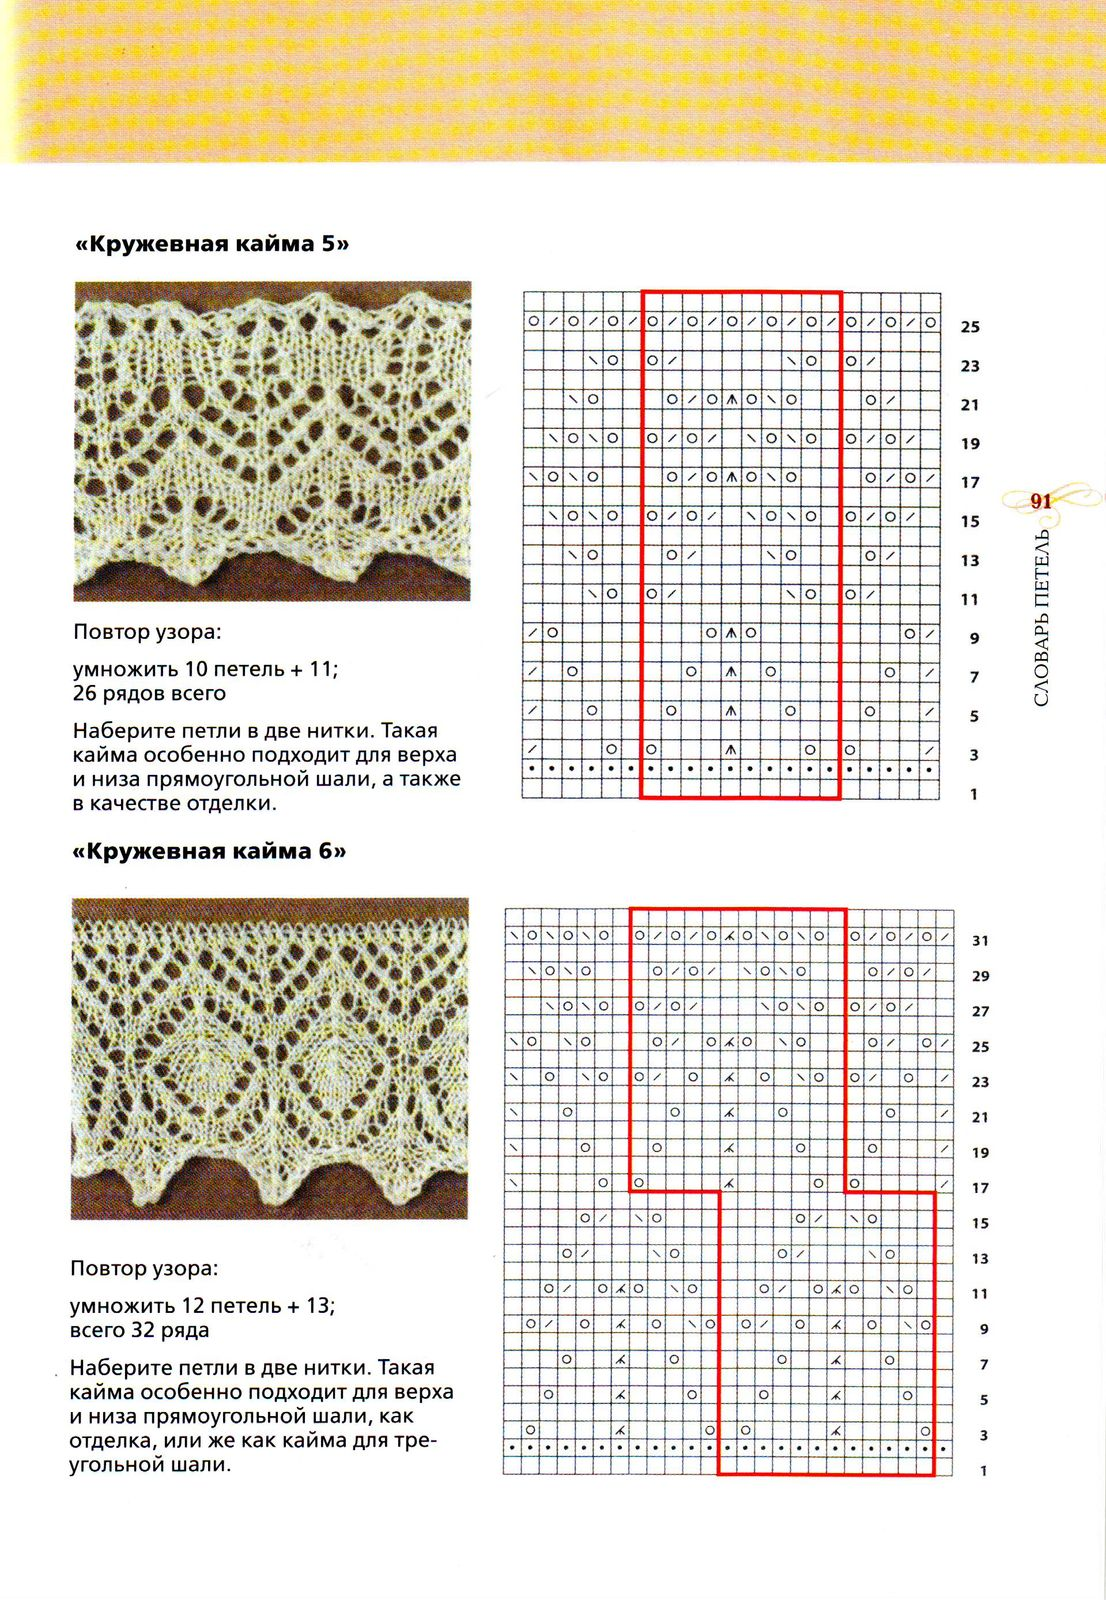 Вязание спицами схемы ажурной каймы 96